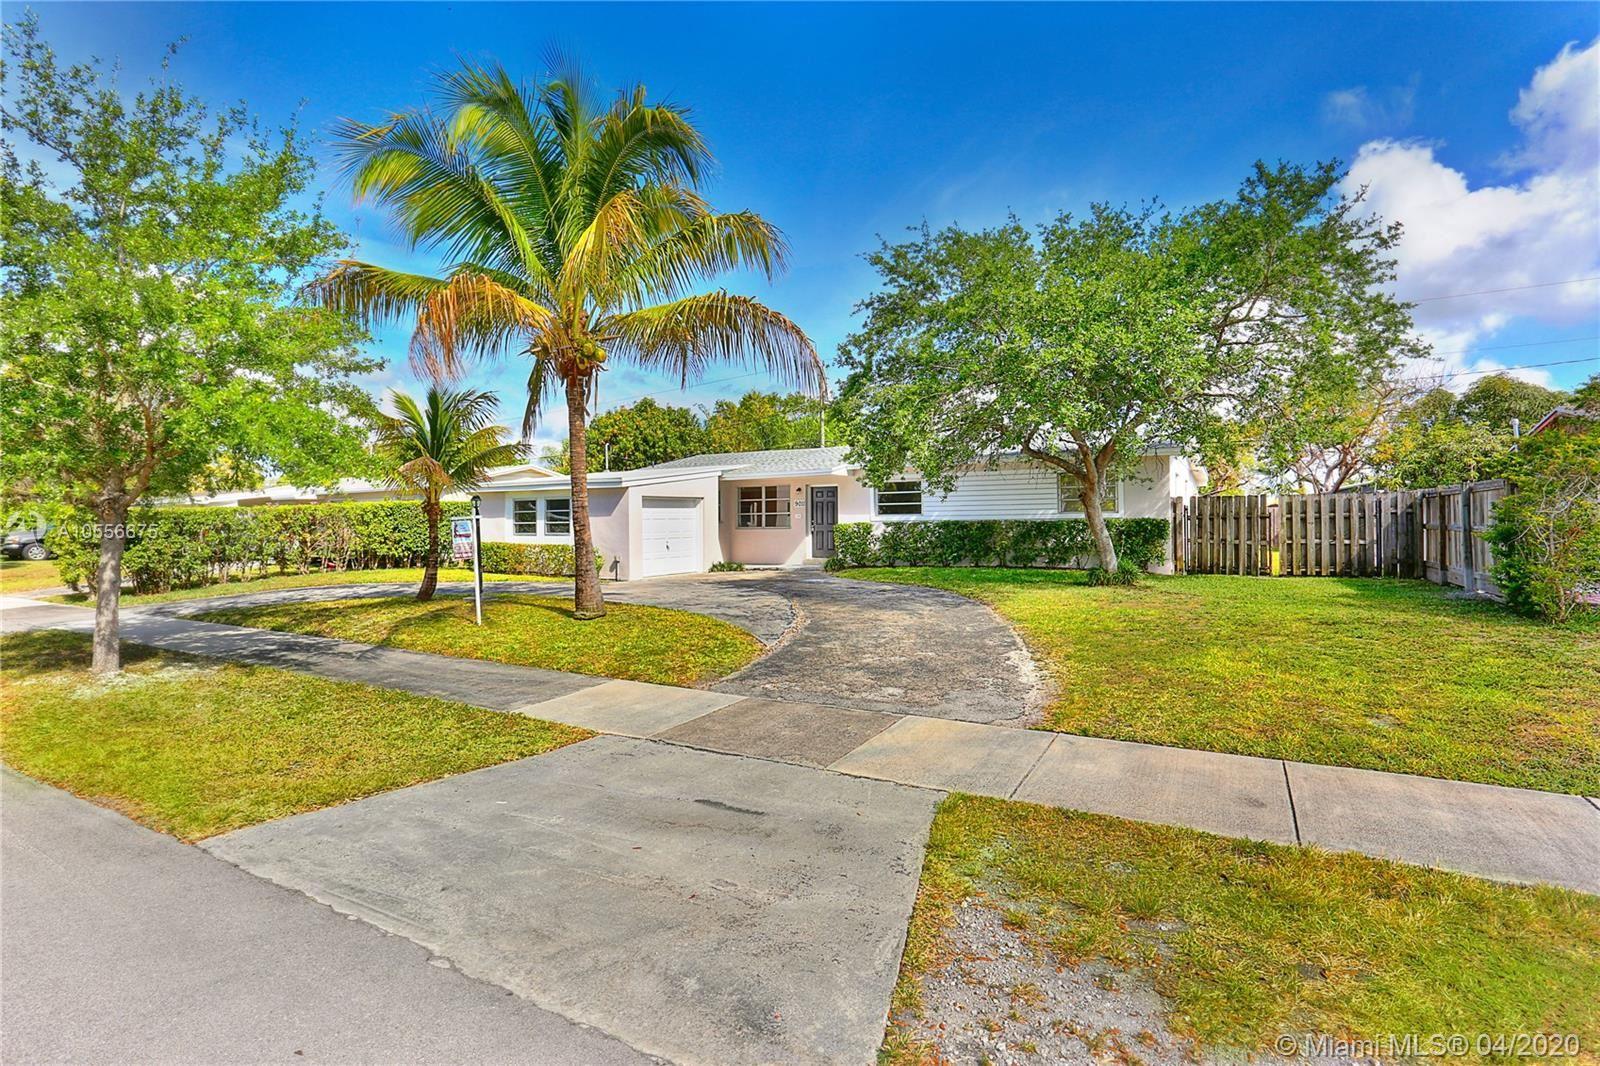 9011 SW 197th St, Cutler Bay, FL 33157 - MLS#: A10556675